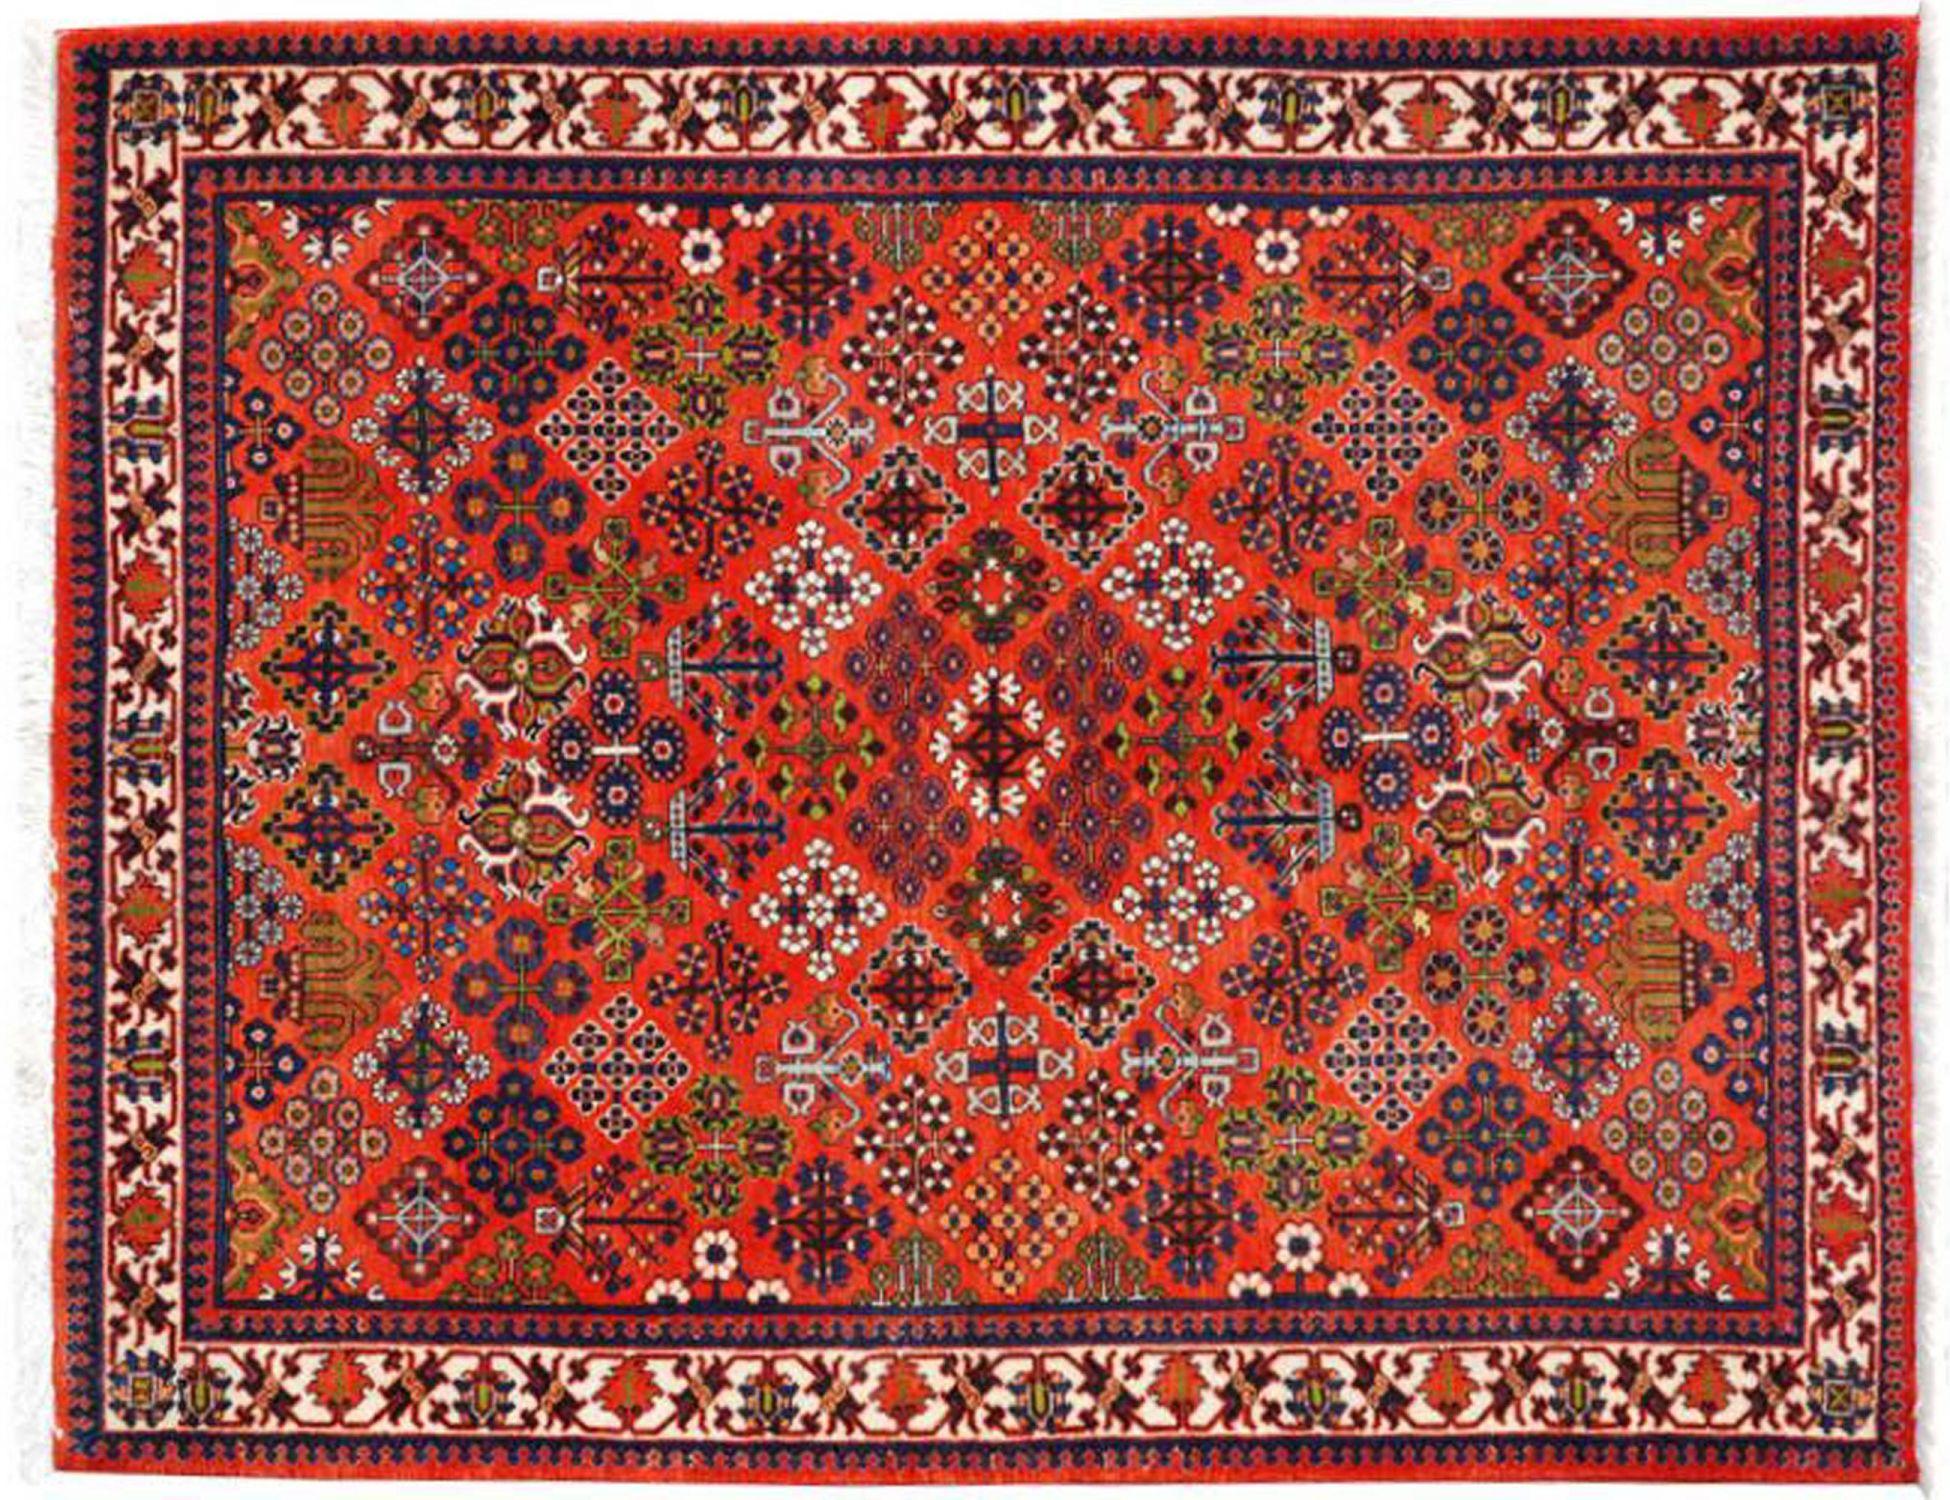 Perserteppich   <br/>156 x 113 cm